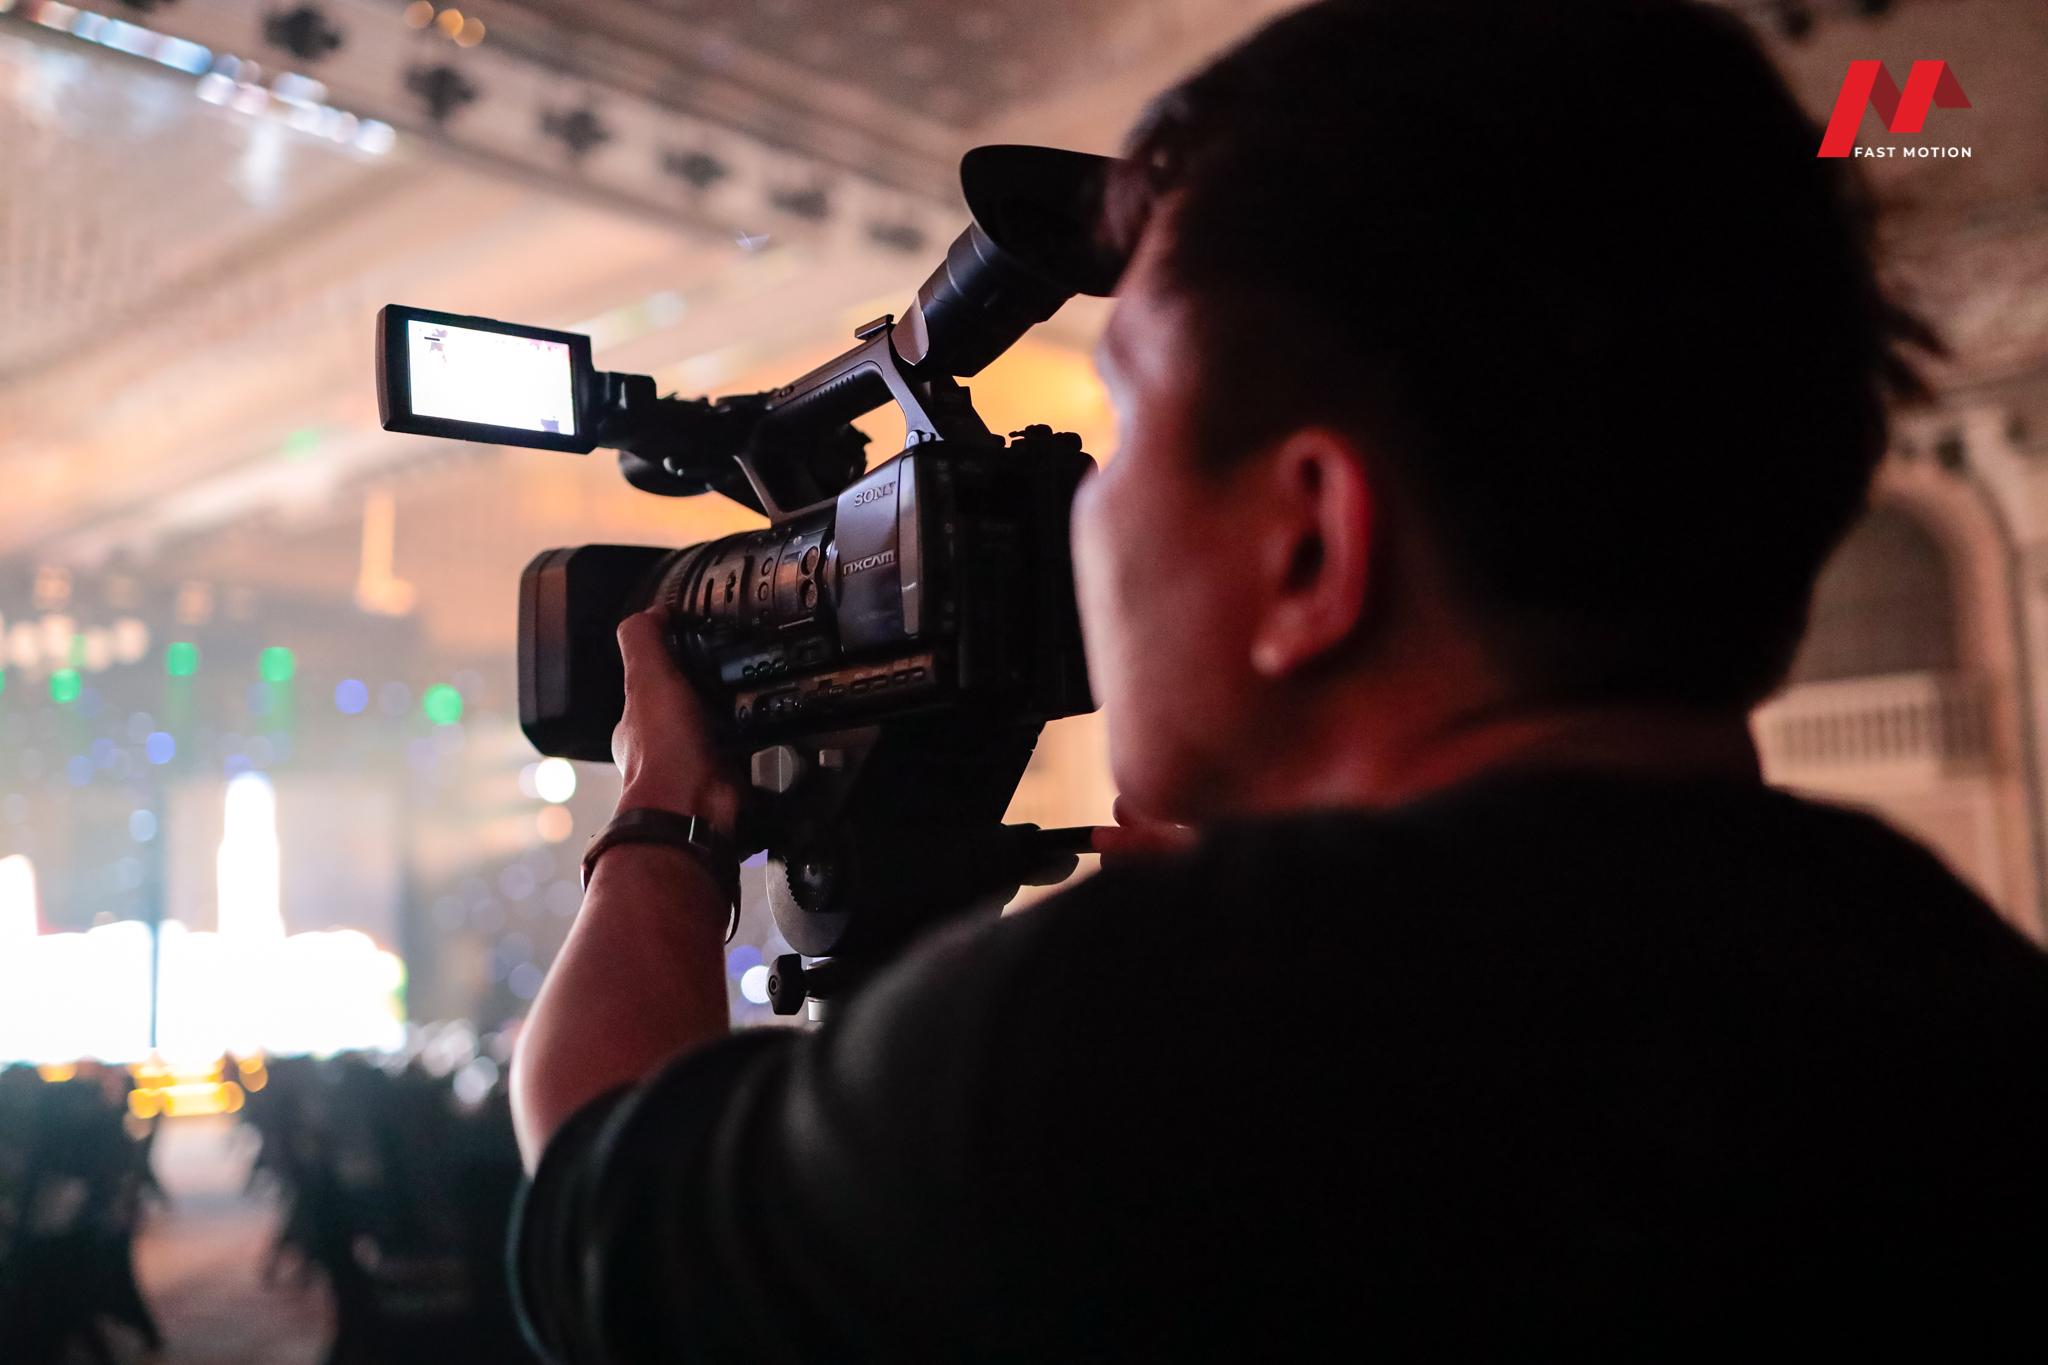 Fastmotion chụp hình quay phim nha trang, hoạt động media, dịch vụ media, cơ hội cho nghề media, thách thức đối với nghề media, covid 19